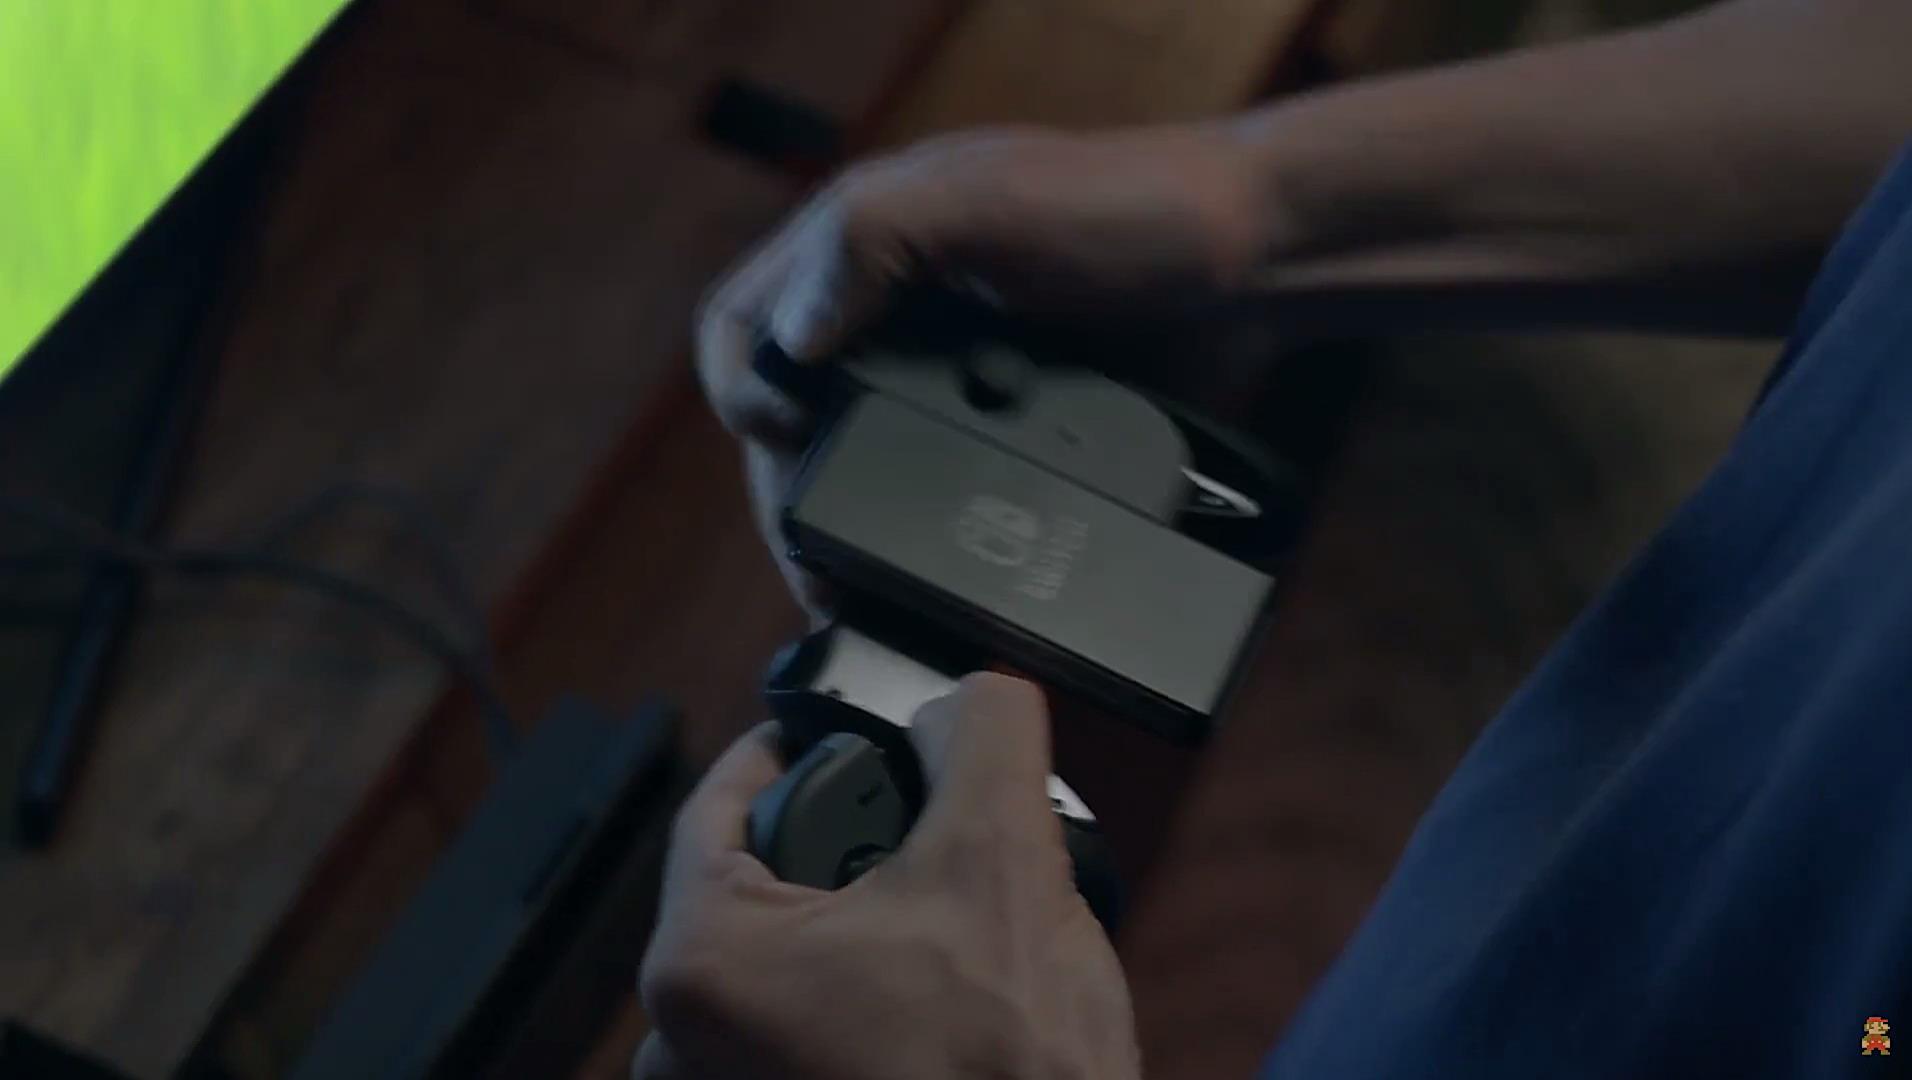 NintendoSwitch 10